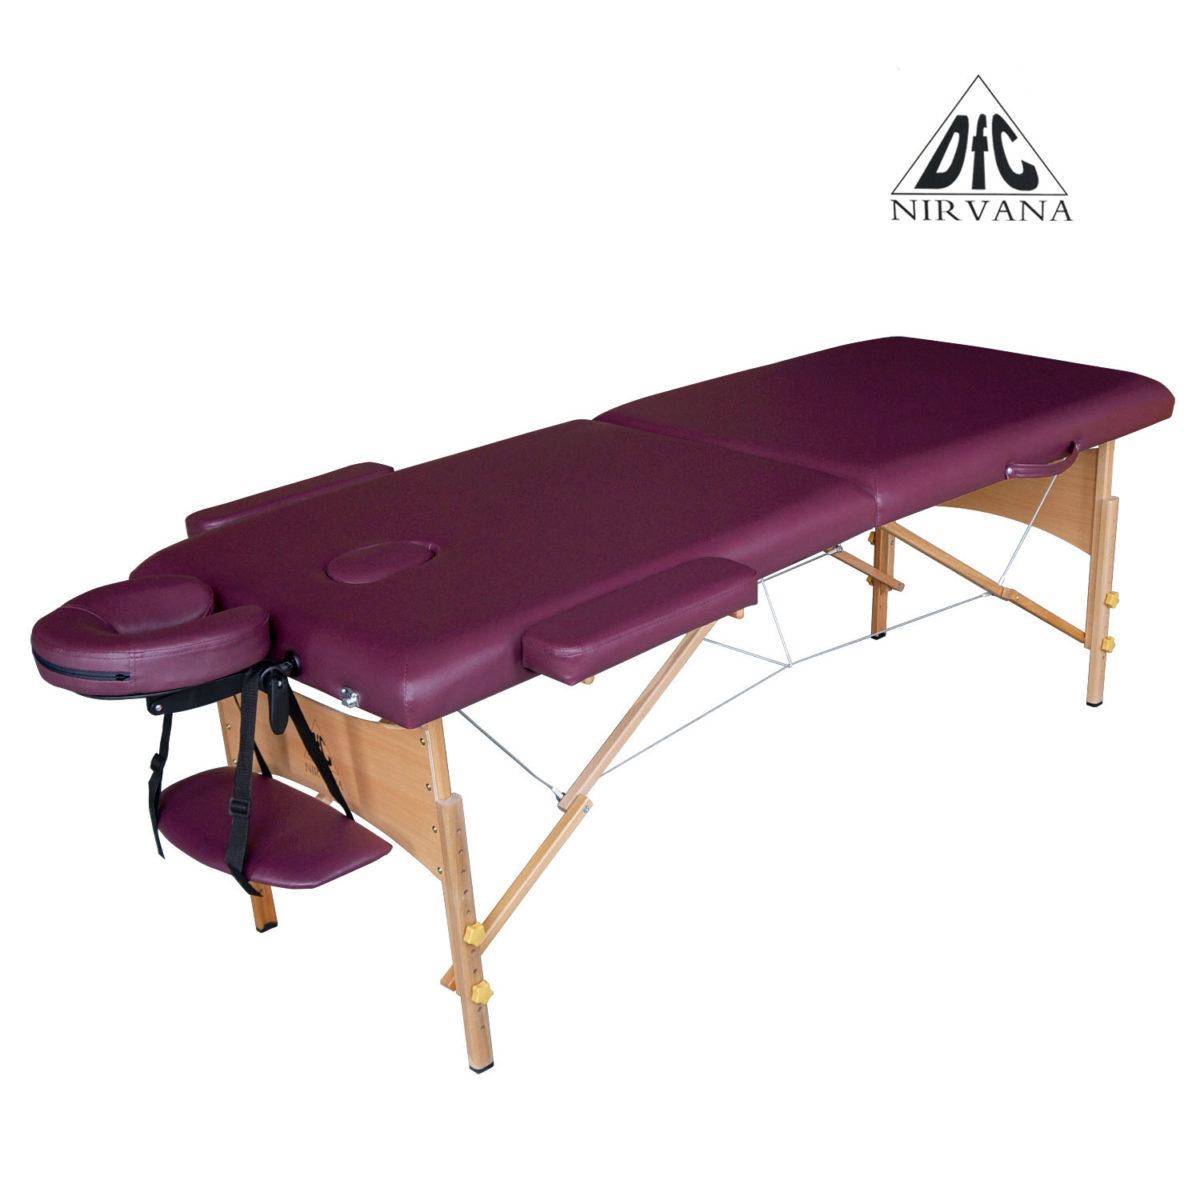 DFC NIRVANA Relax Массажный стол, 2-х секционный TS20111_P - 1